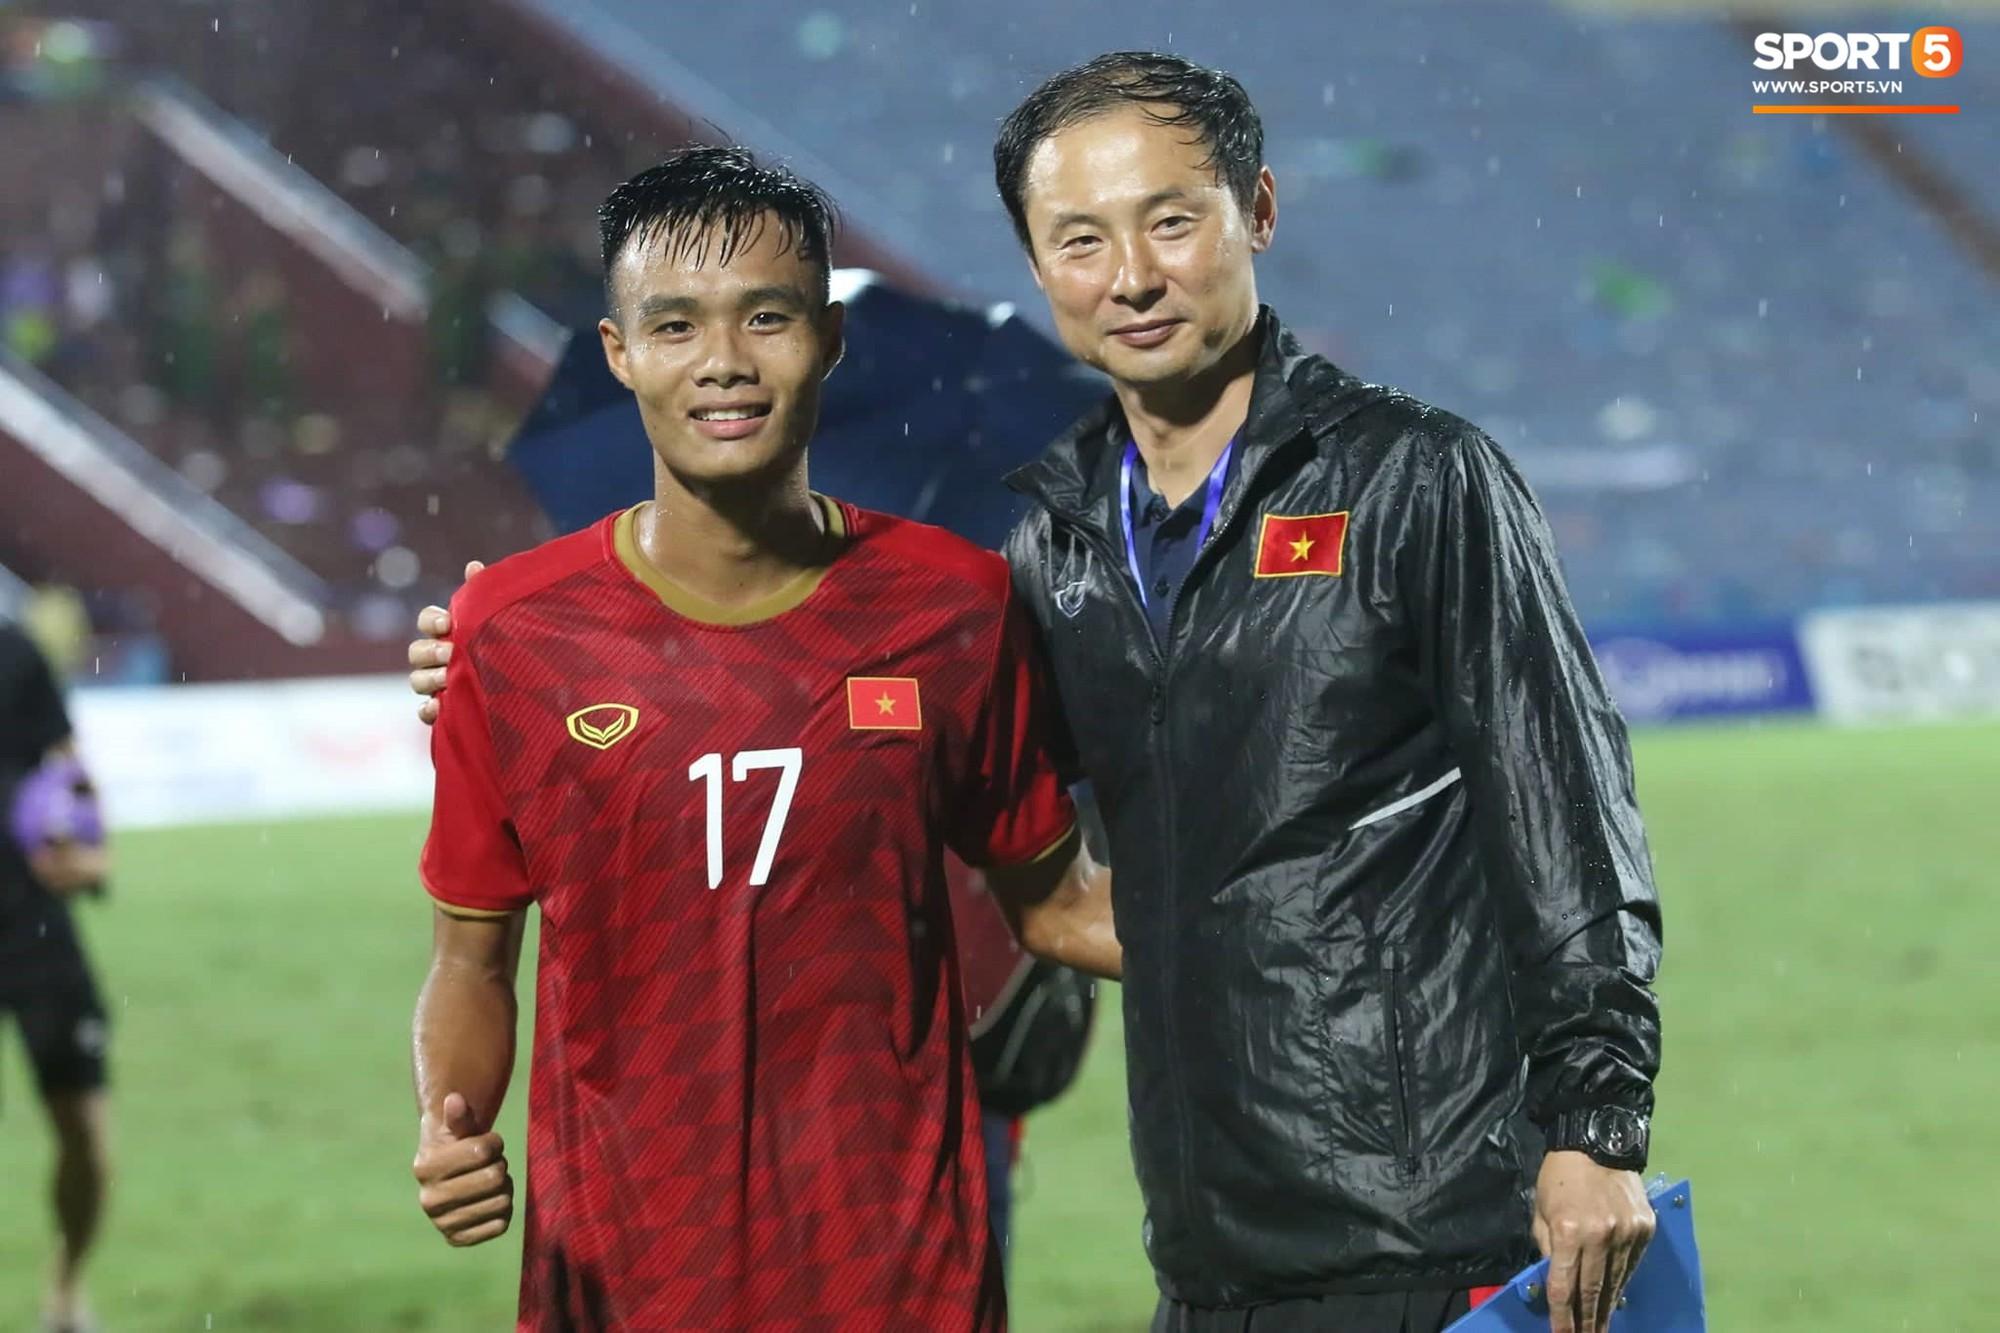 Hình ảnh cảm động: U23 Việt Nam đội mưa đi khắp khán đài cảm ơn người hâm mộ sau trận thắng U23 Myanmar-14